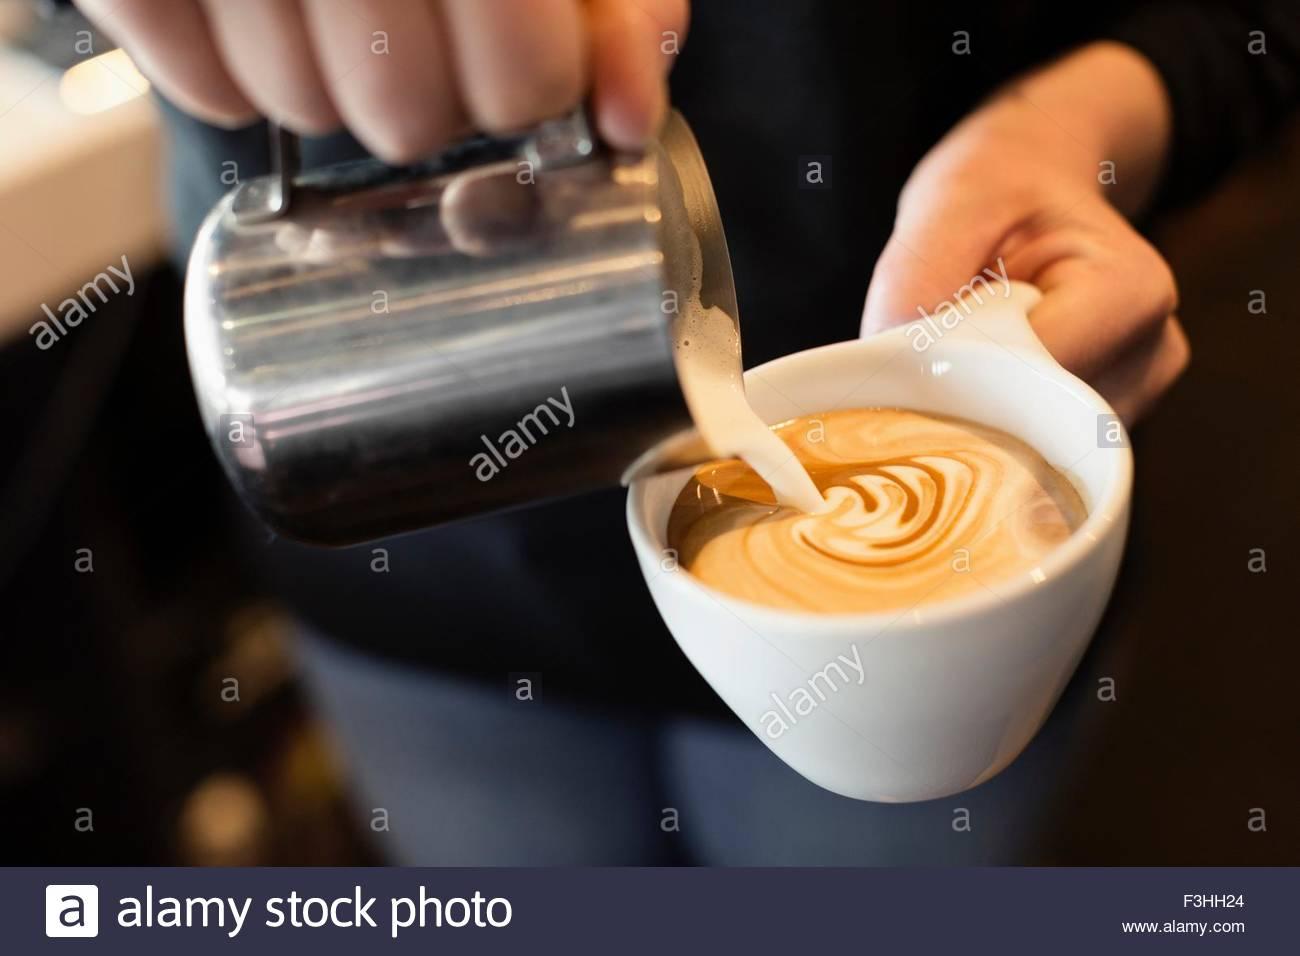 Cafetería Barista, verter la leche en el café, sección intermedia, close-up Imagen De Stock